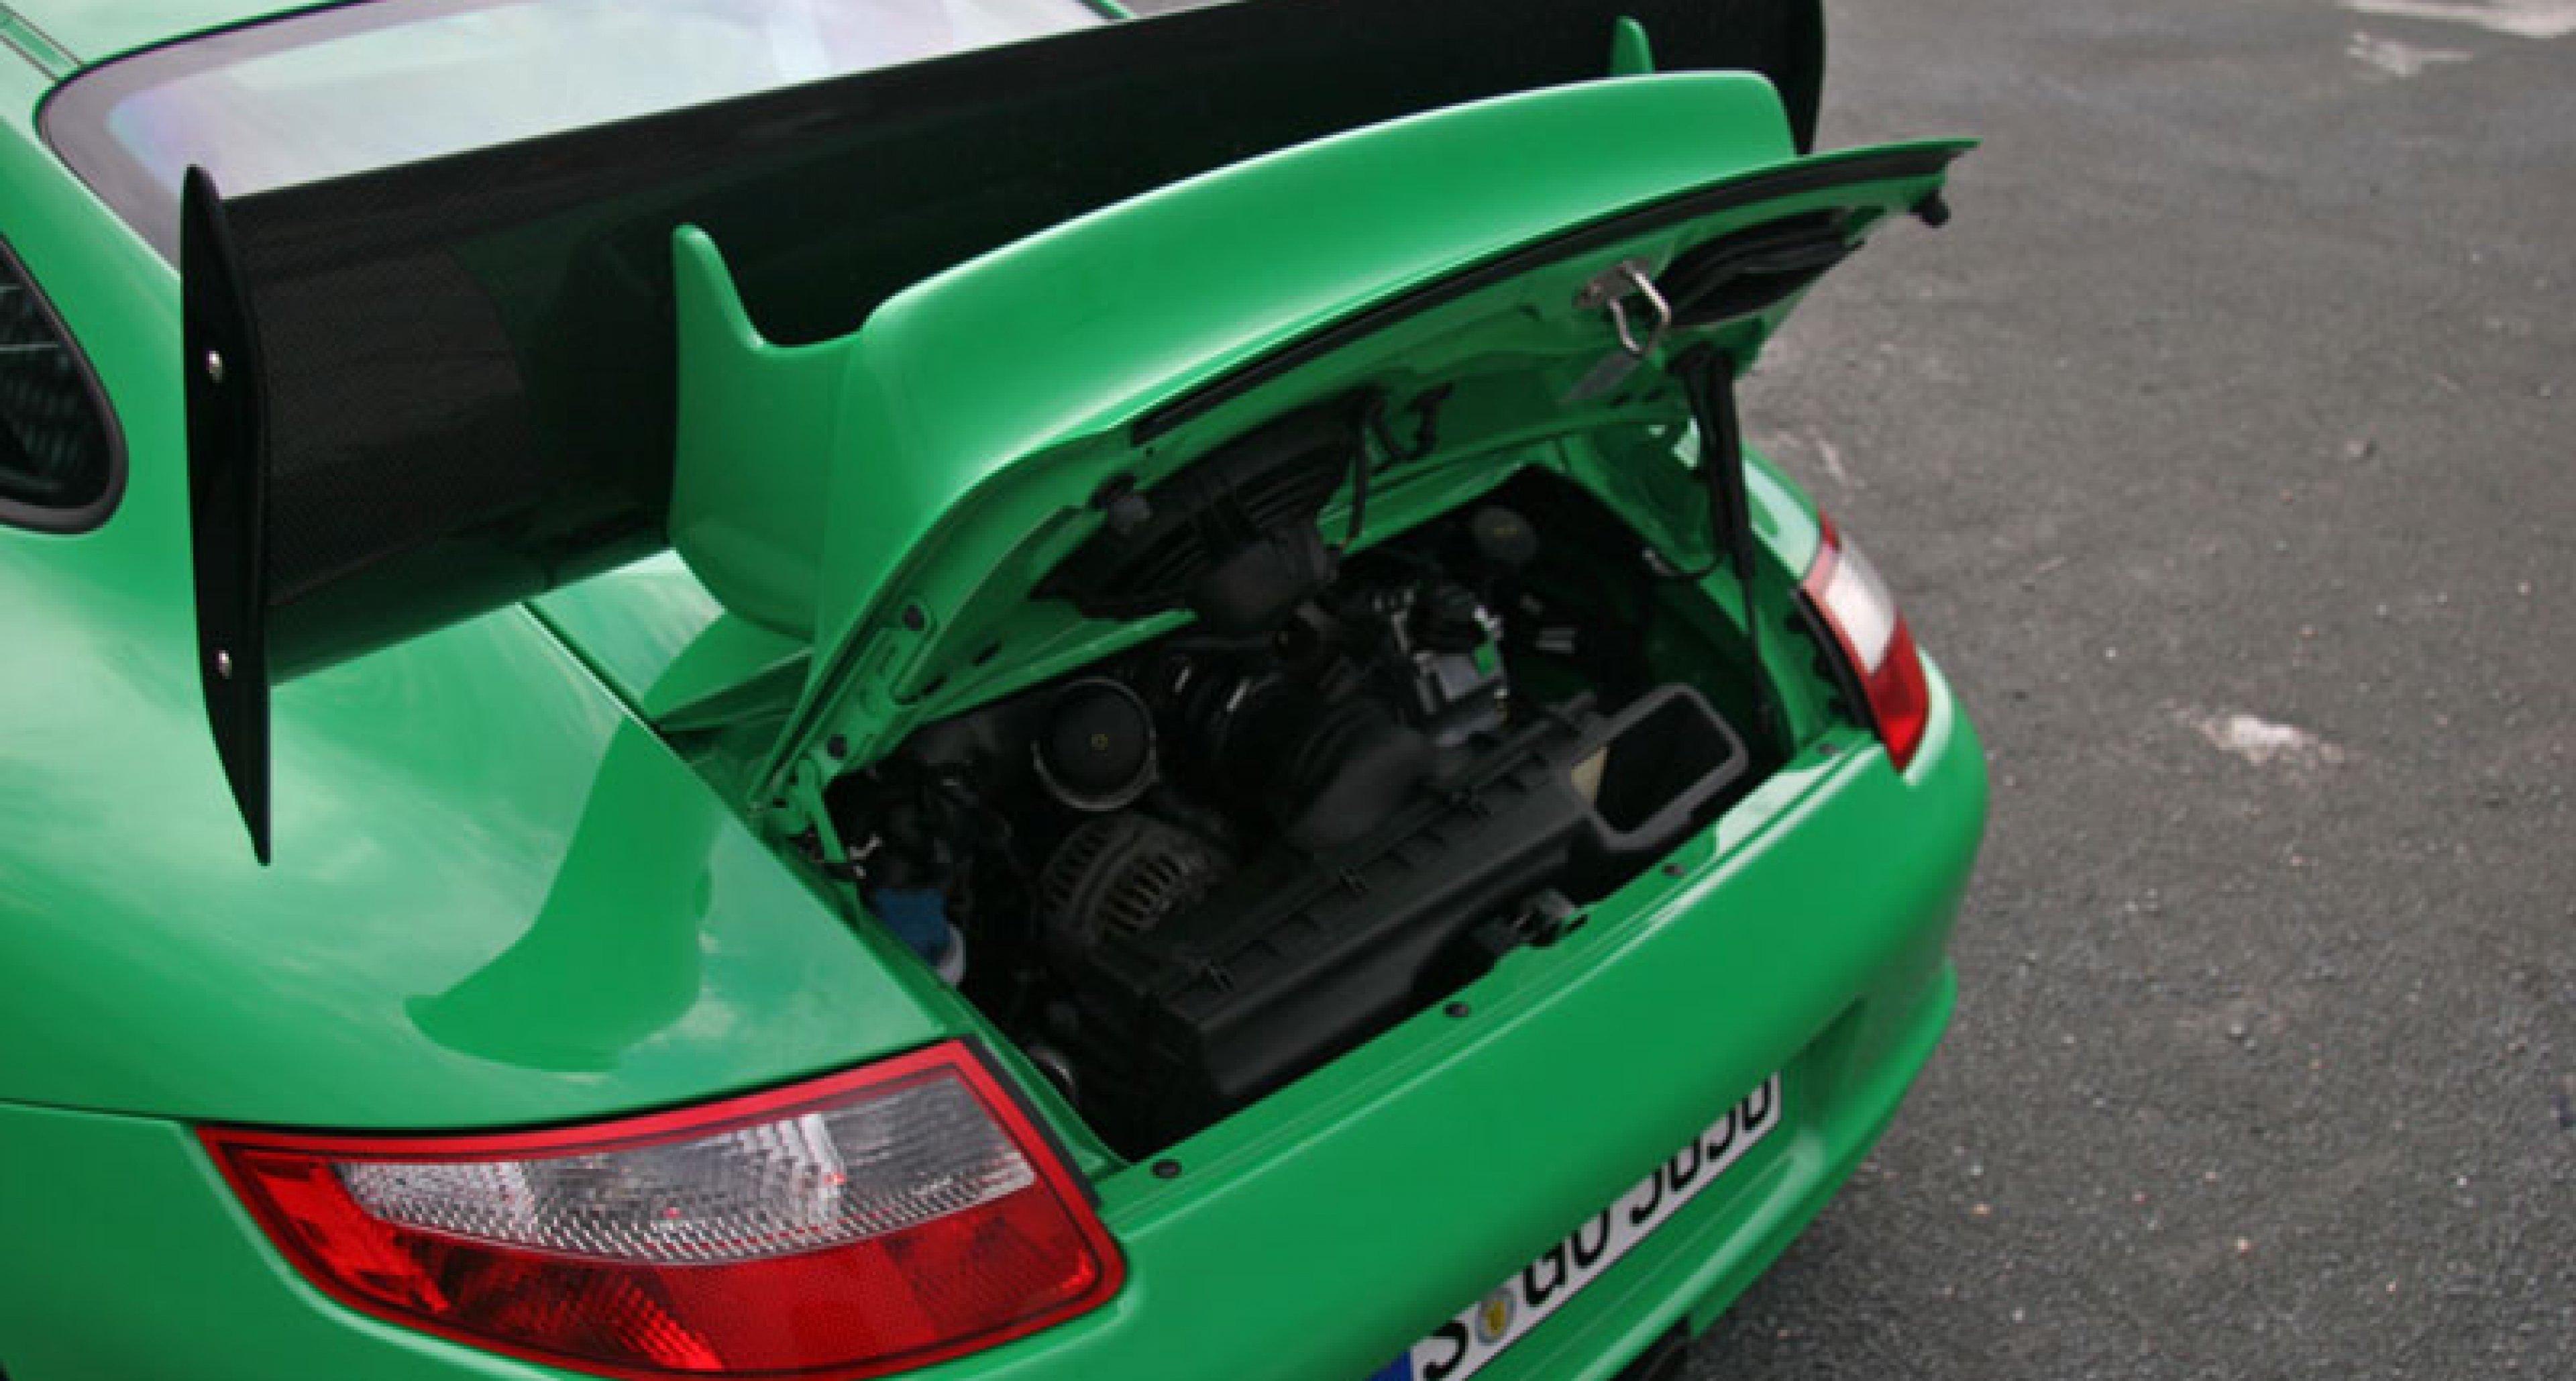 Porsche 911 GT3 RS & Lamborghini Gallardo Superleggera